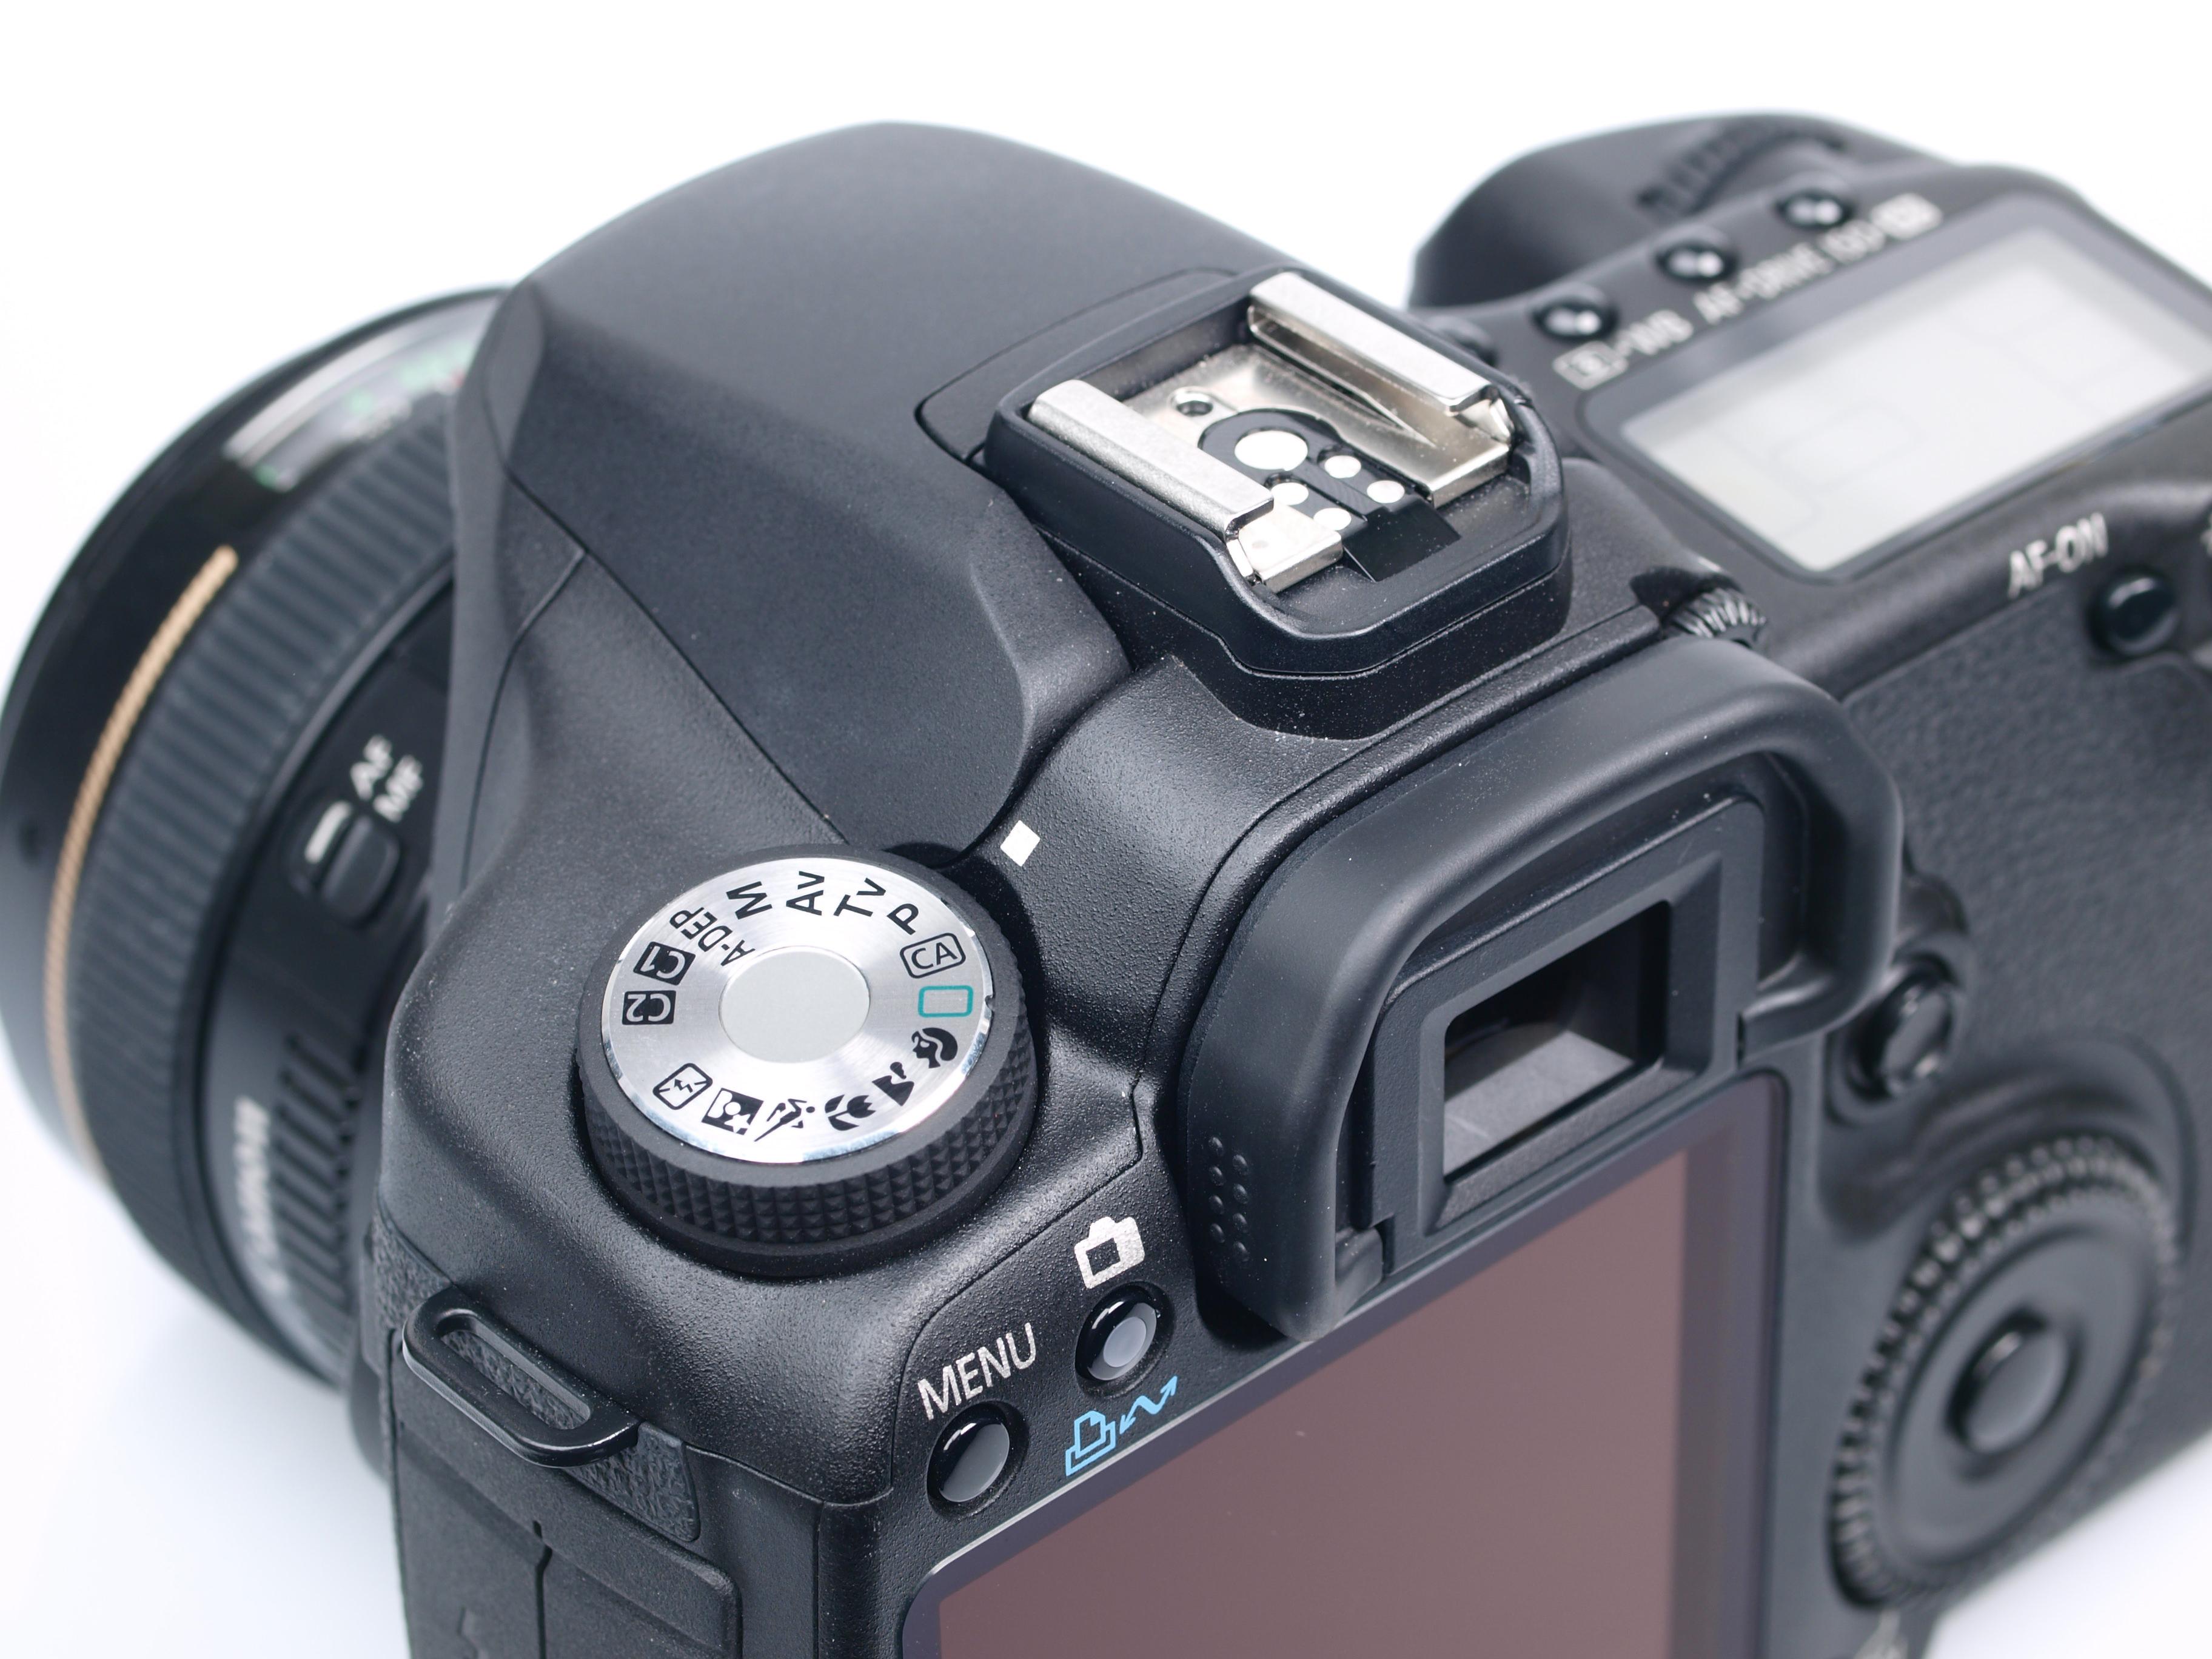 Canon Eos 7 – Lppvj